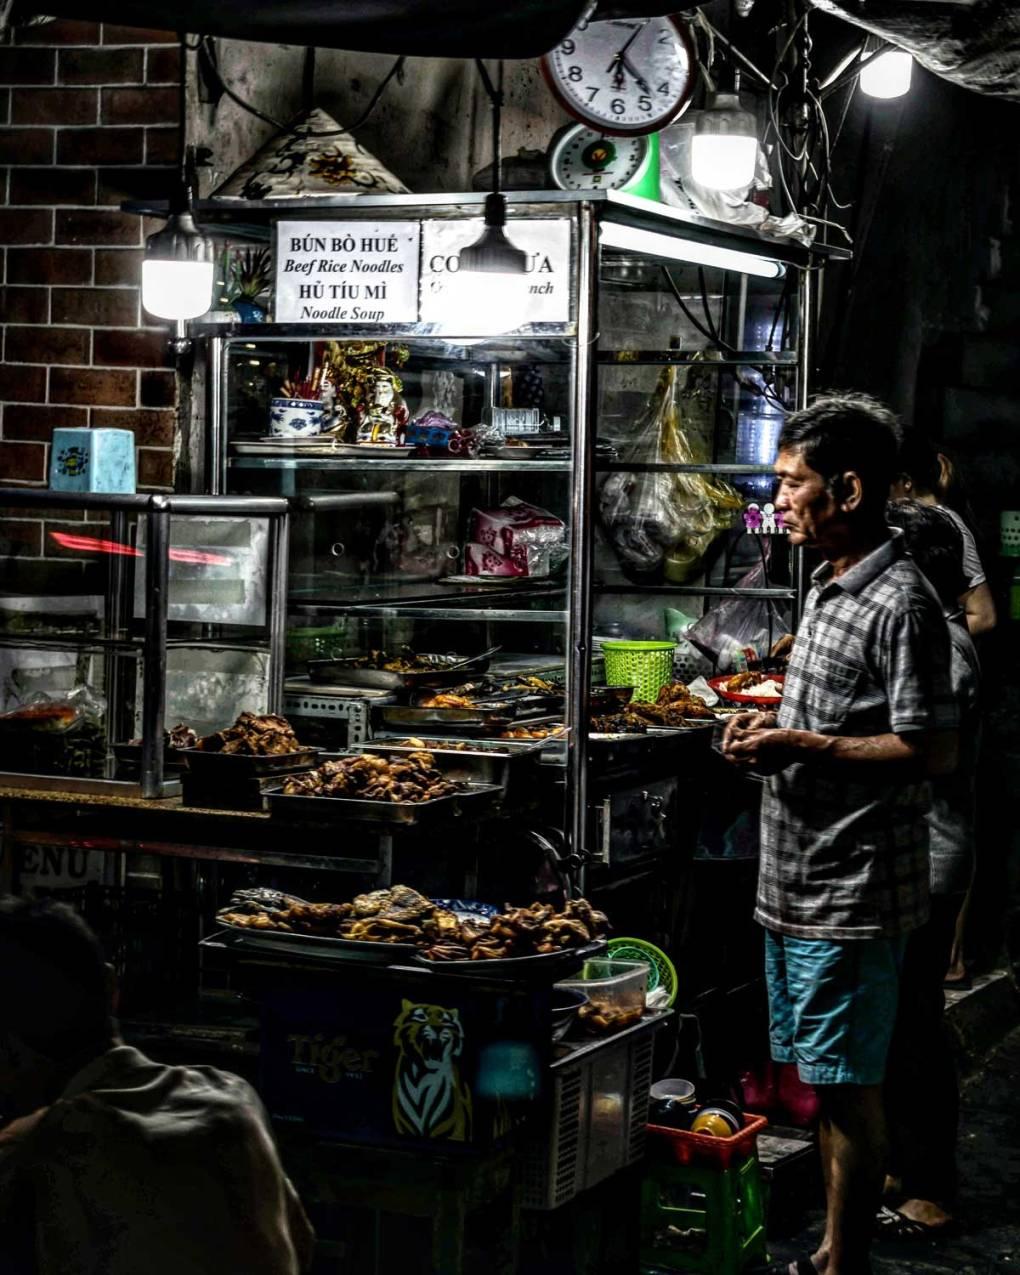 Vietnam street kitchen